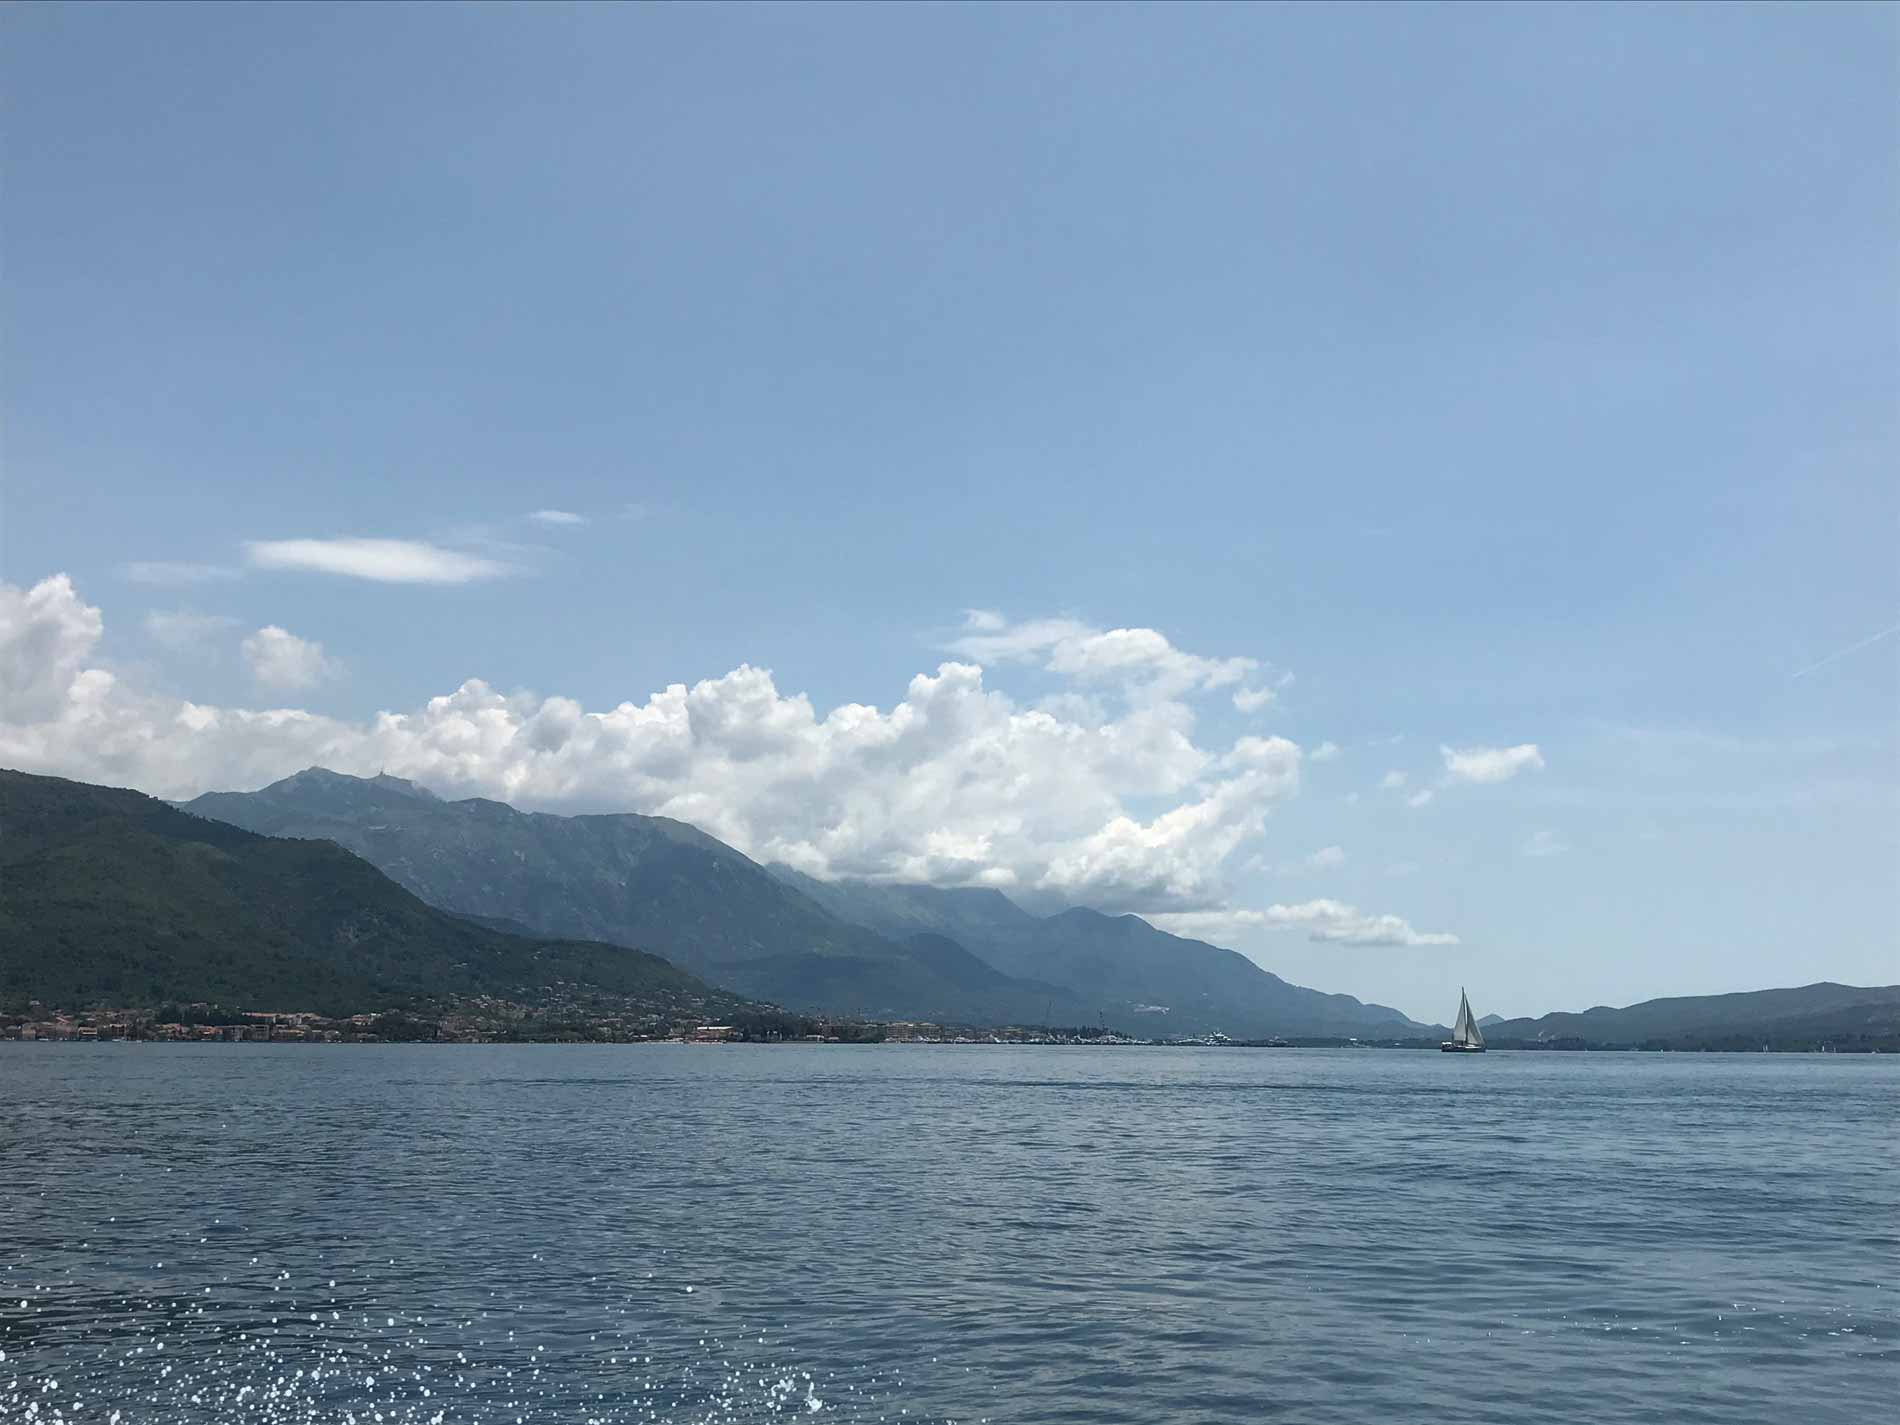 Bocche-di-Cattaro-Montenegro-Tivat-Porto-Montenegro-mare-cielo